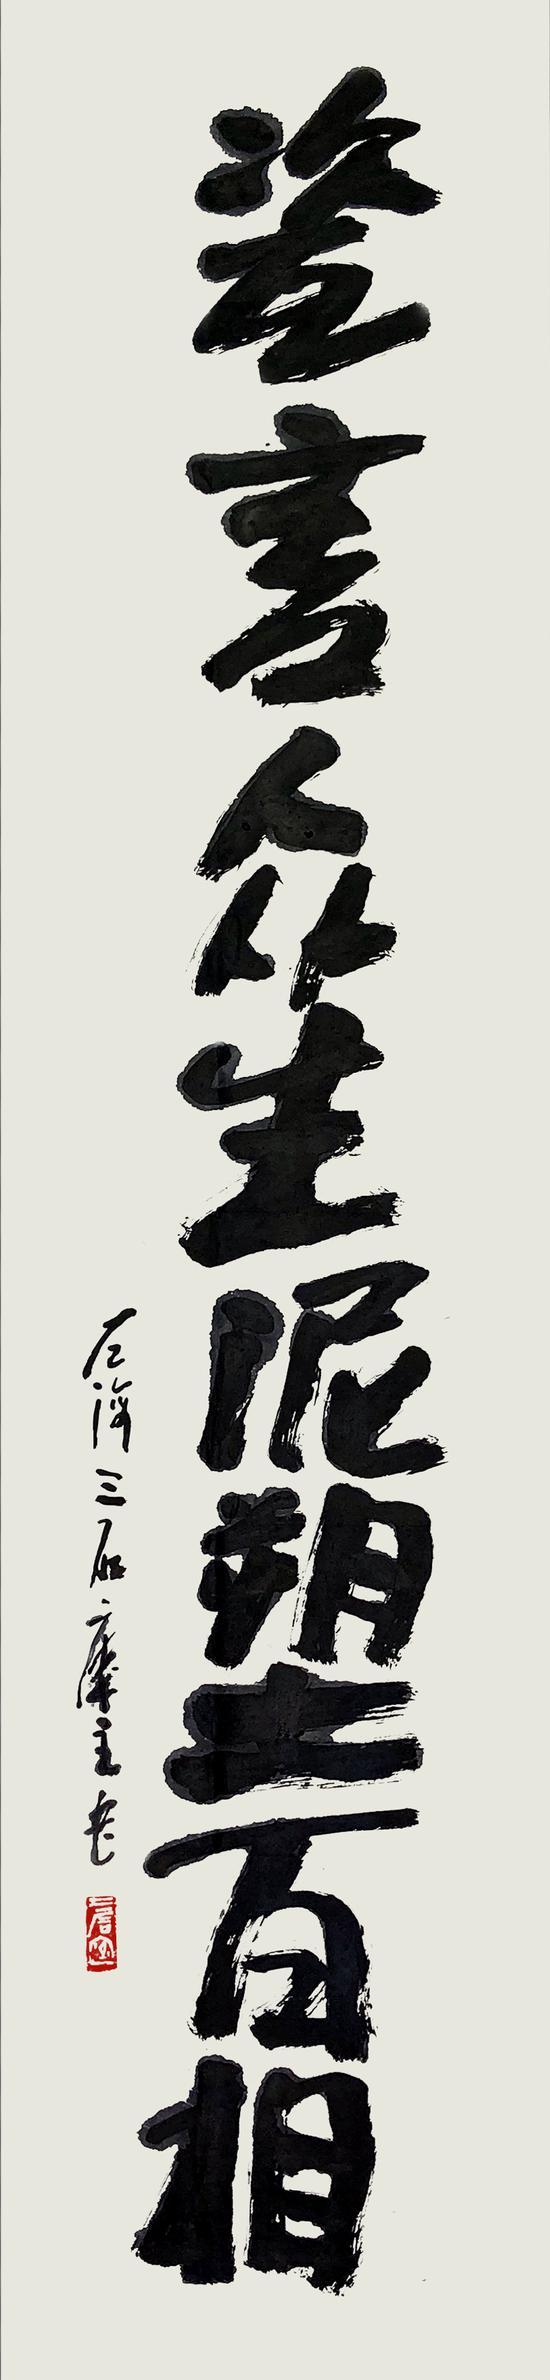 曾密老师专为展览书写:瓷言众生泥塑百像JPG